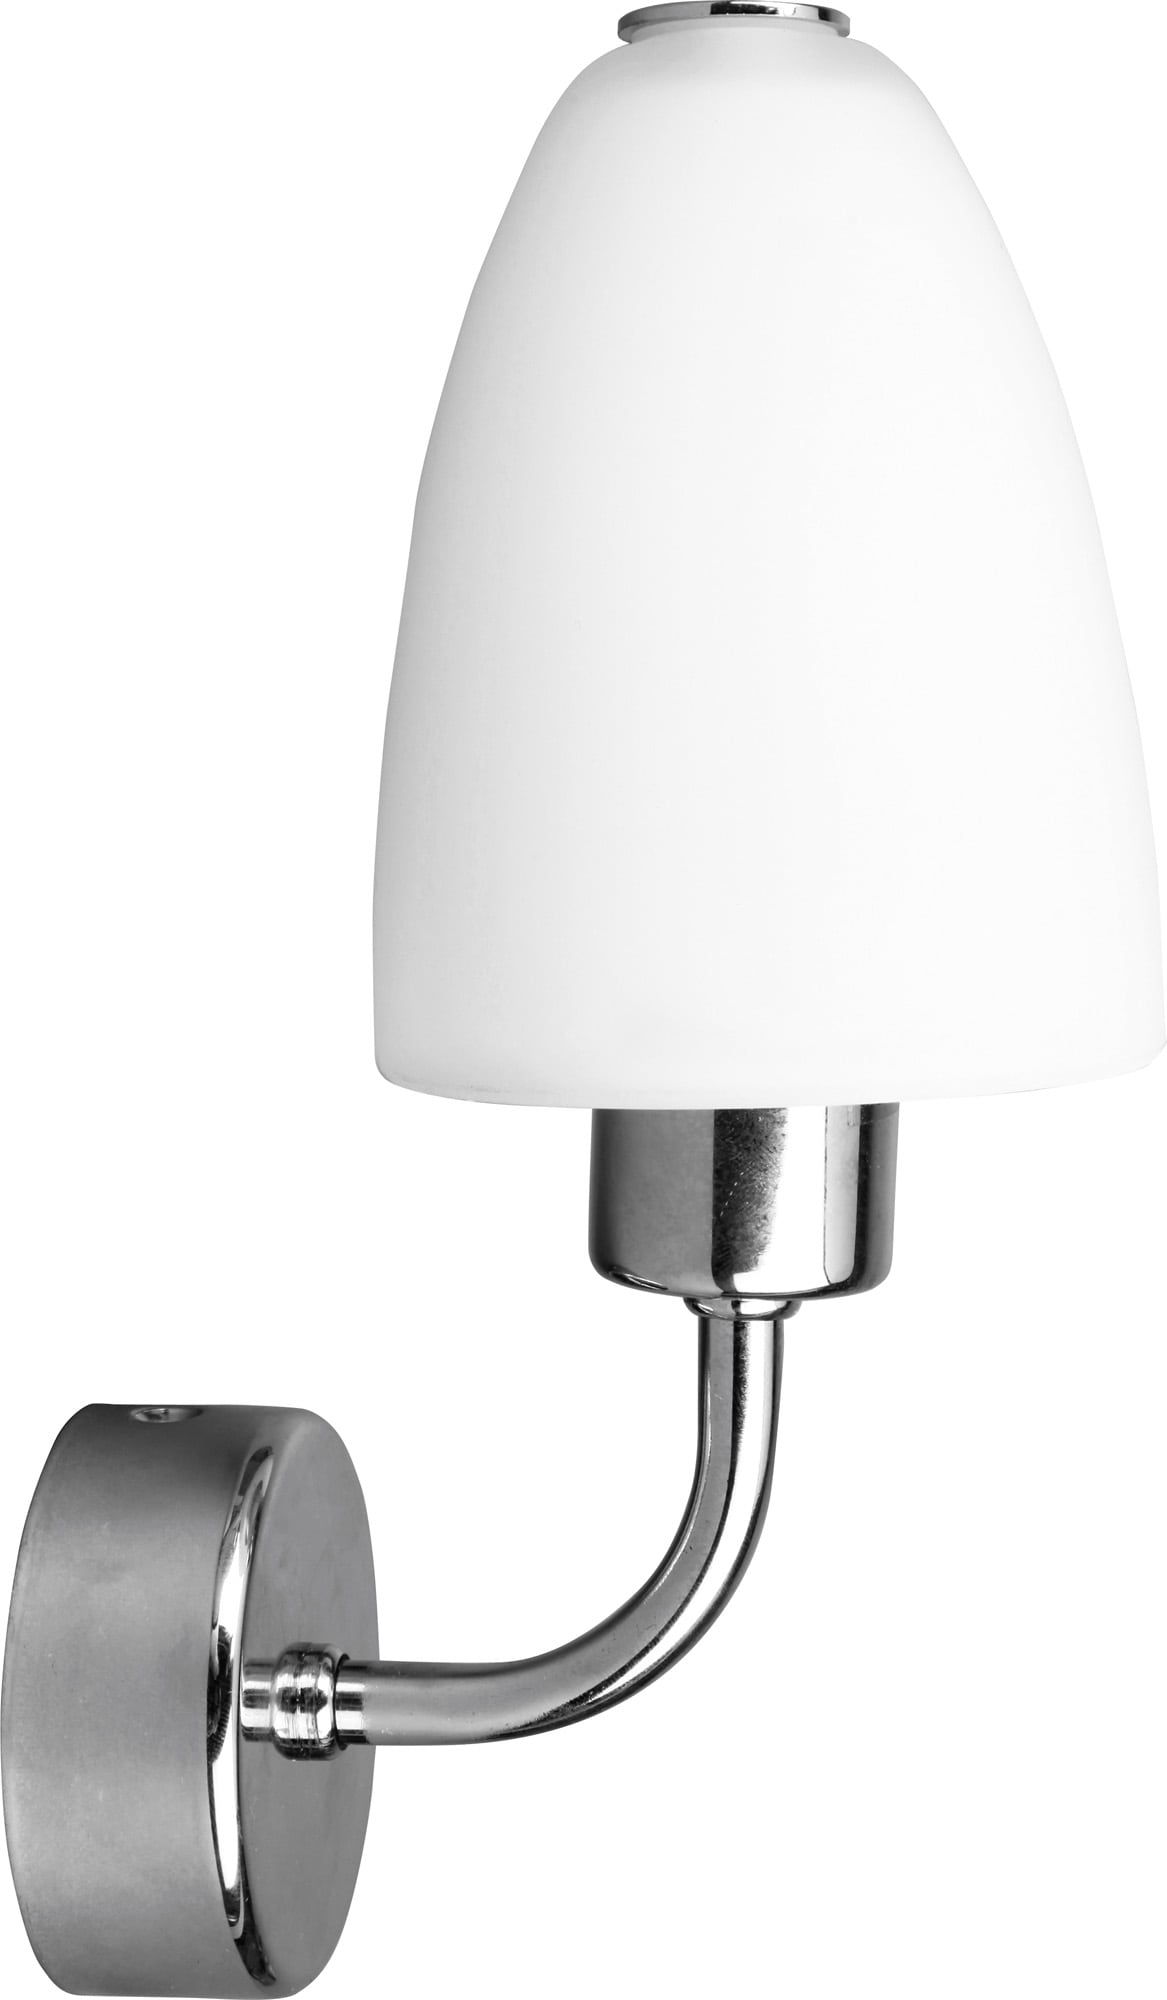 Stylová nástěnná lampa Aquatic chrom / bílá E14 40W